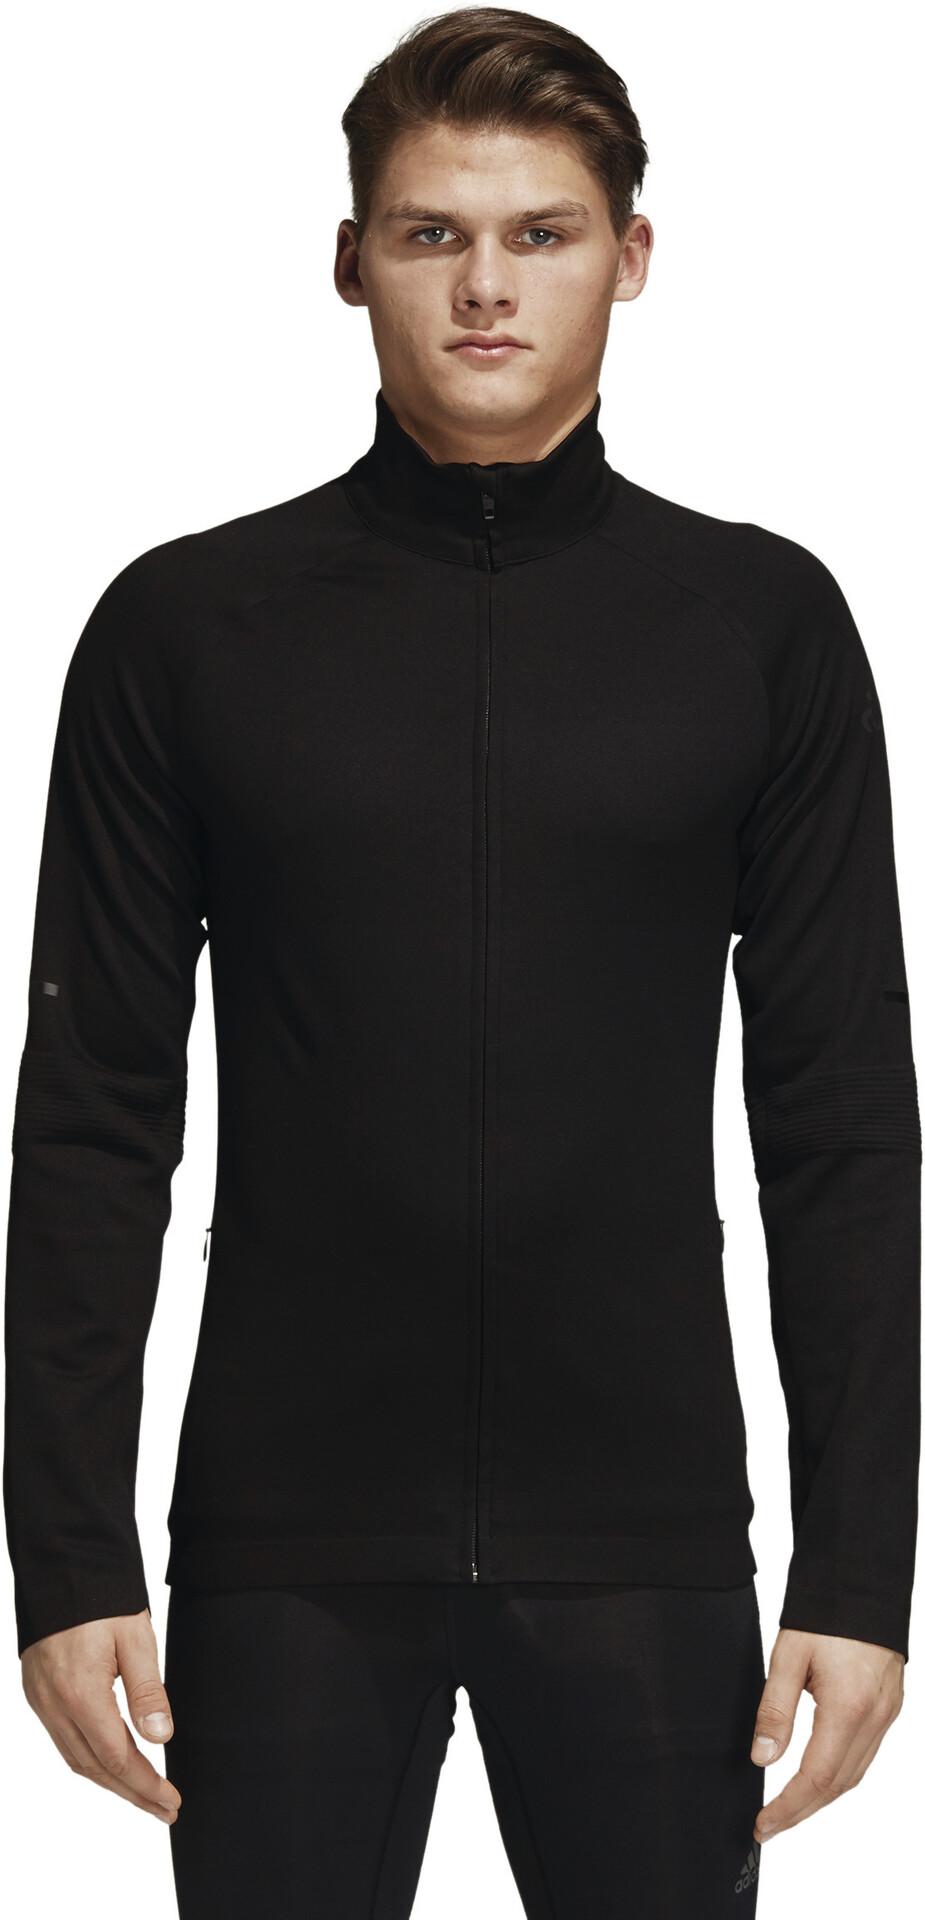 Vélos Veste En Pied Course Homme De Adidas Boutique Phx À Noir 4w57gzq